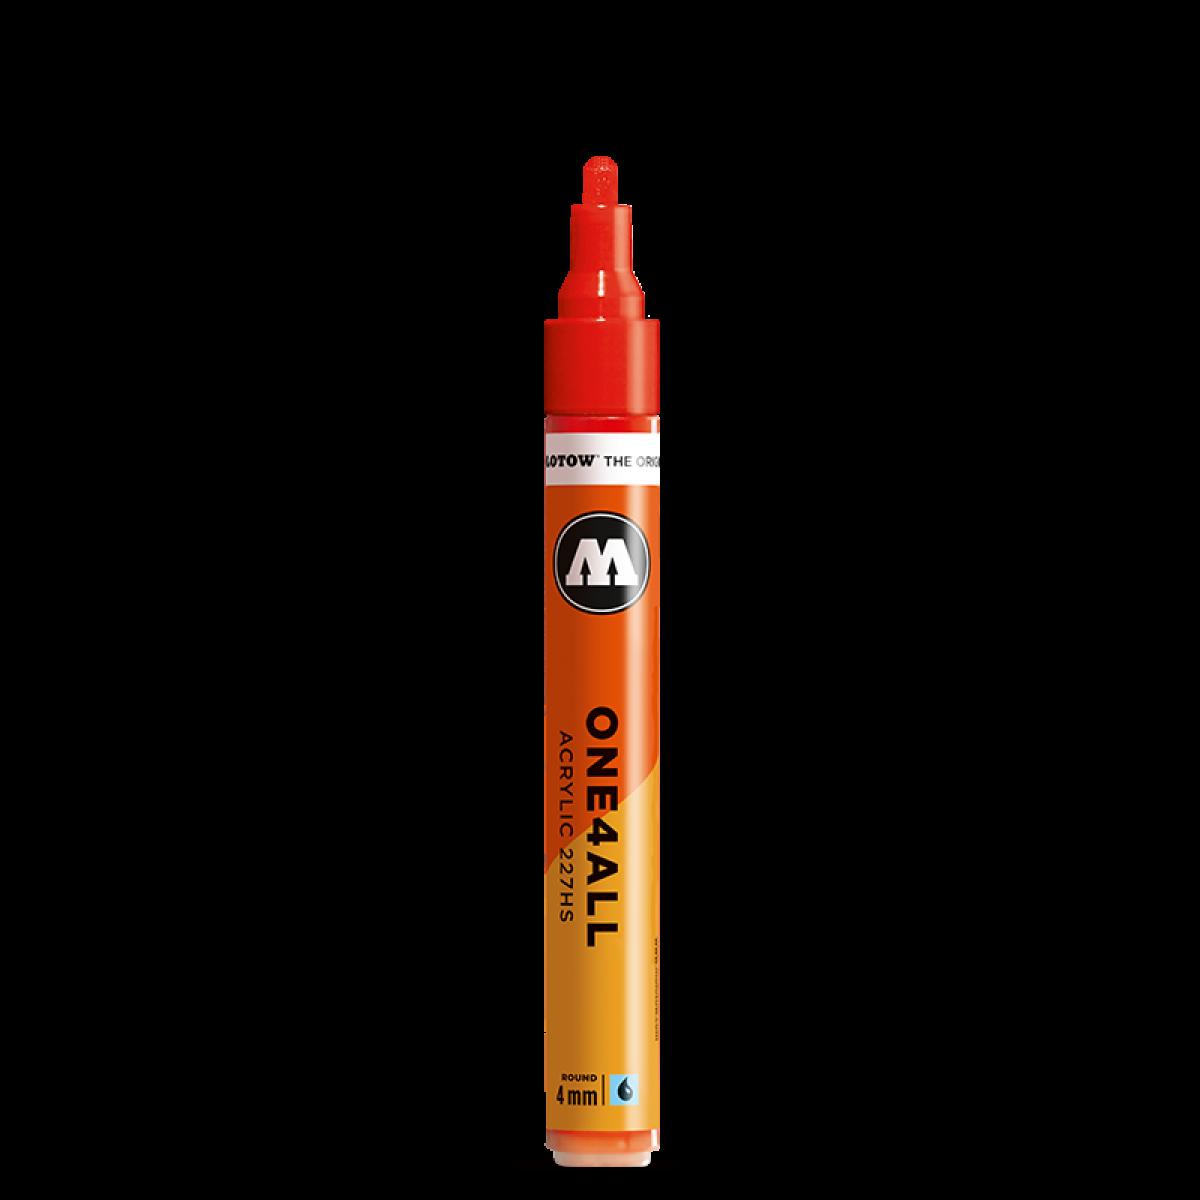 MolotowONE4ALLakryltusch227HS4mm-02